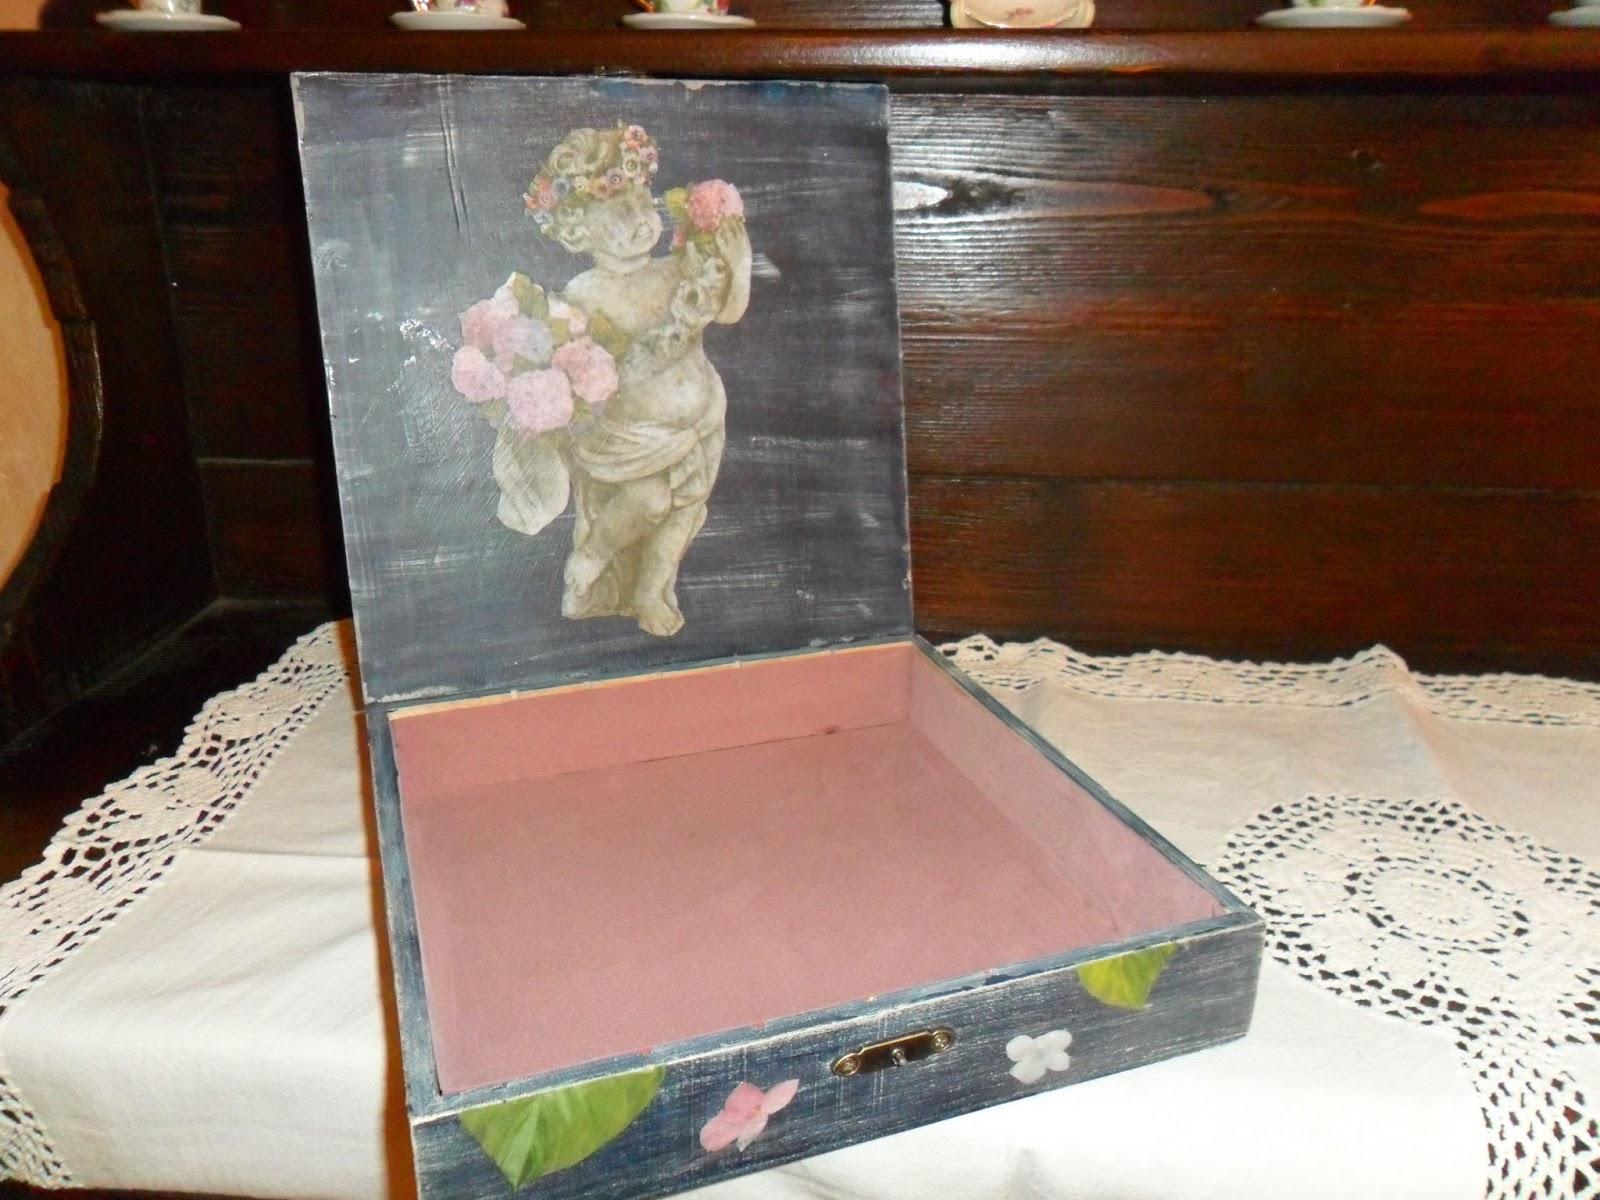 Il mercatino di zia lella decoupage ortensie su scatola for Foderare una scatola